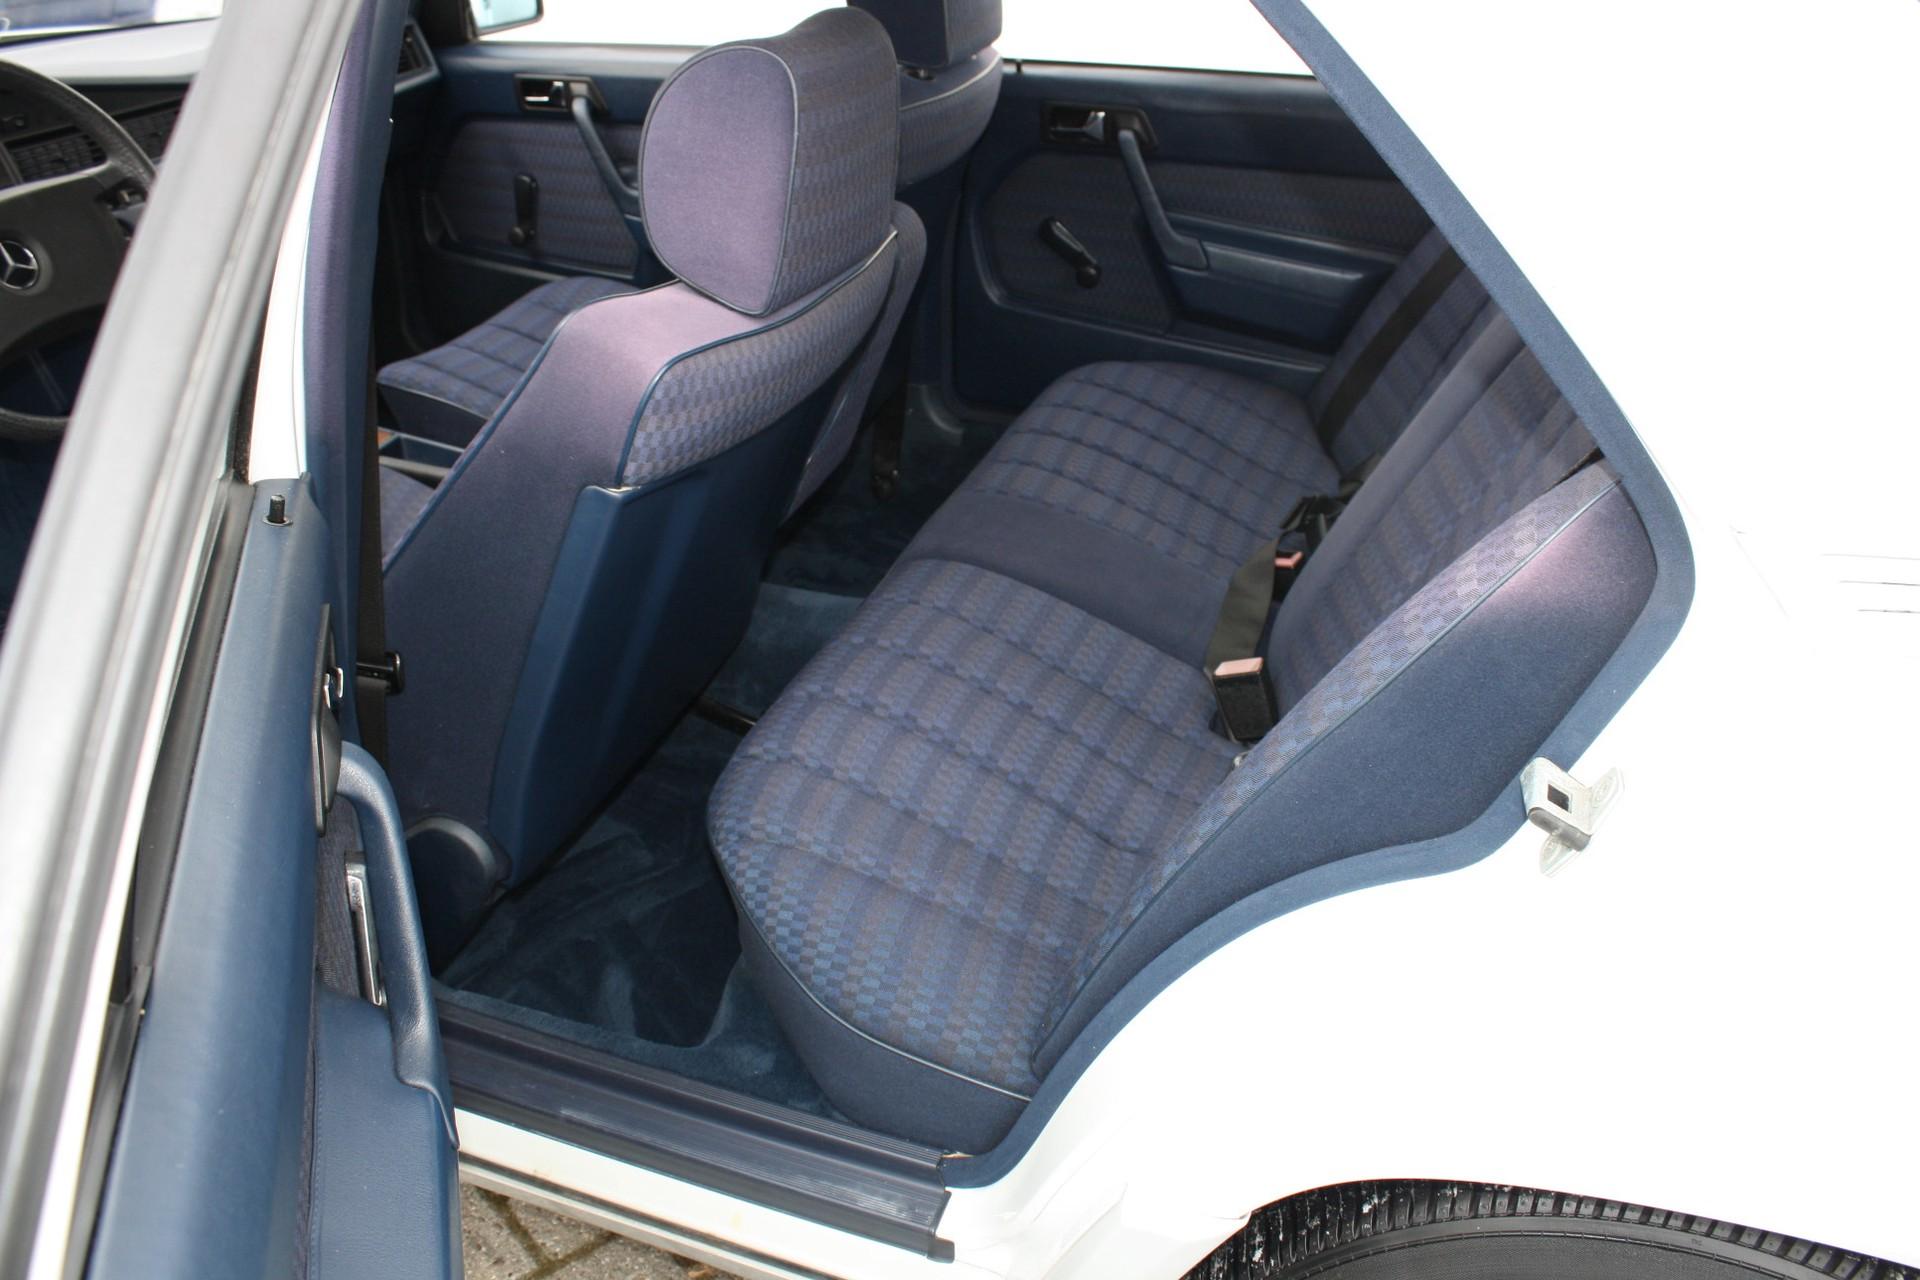 Mercedes-Benz 190 2.0 E automaat Foto 4